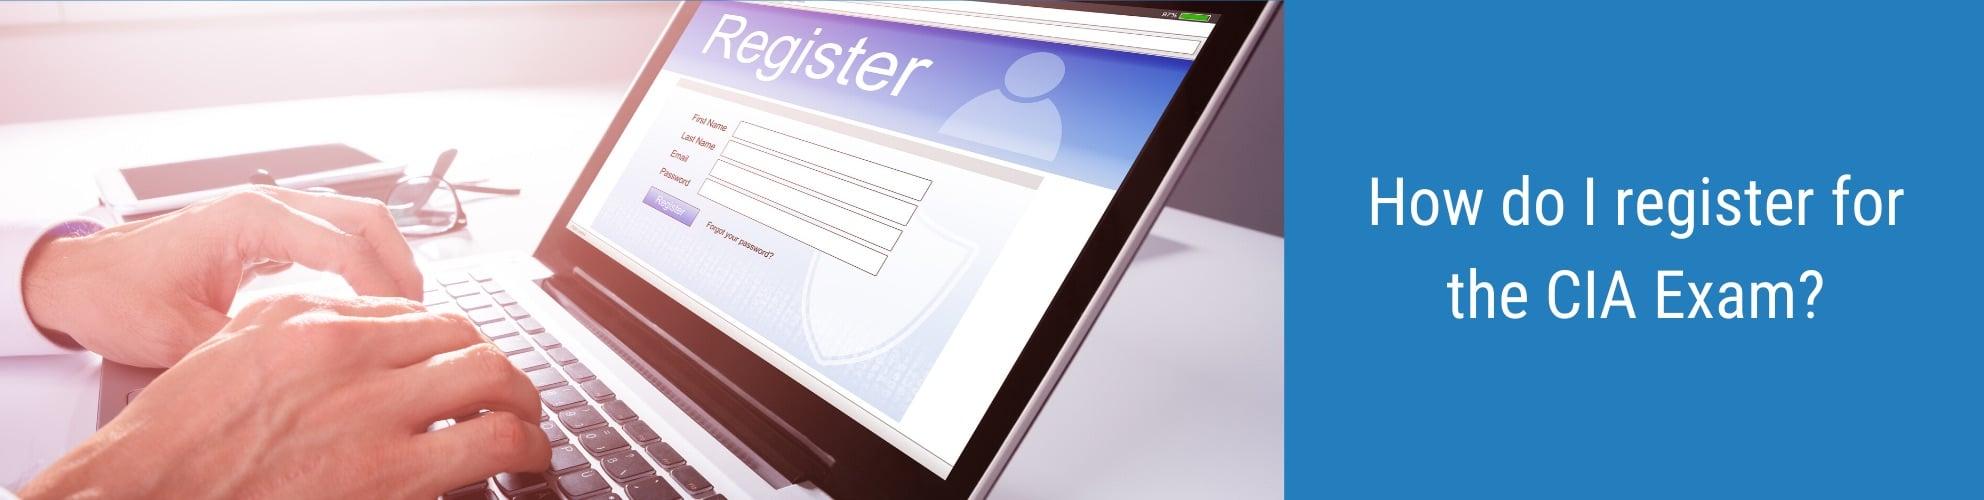 How do I register for the CIA Exam?